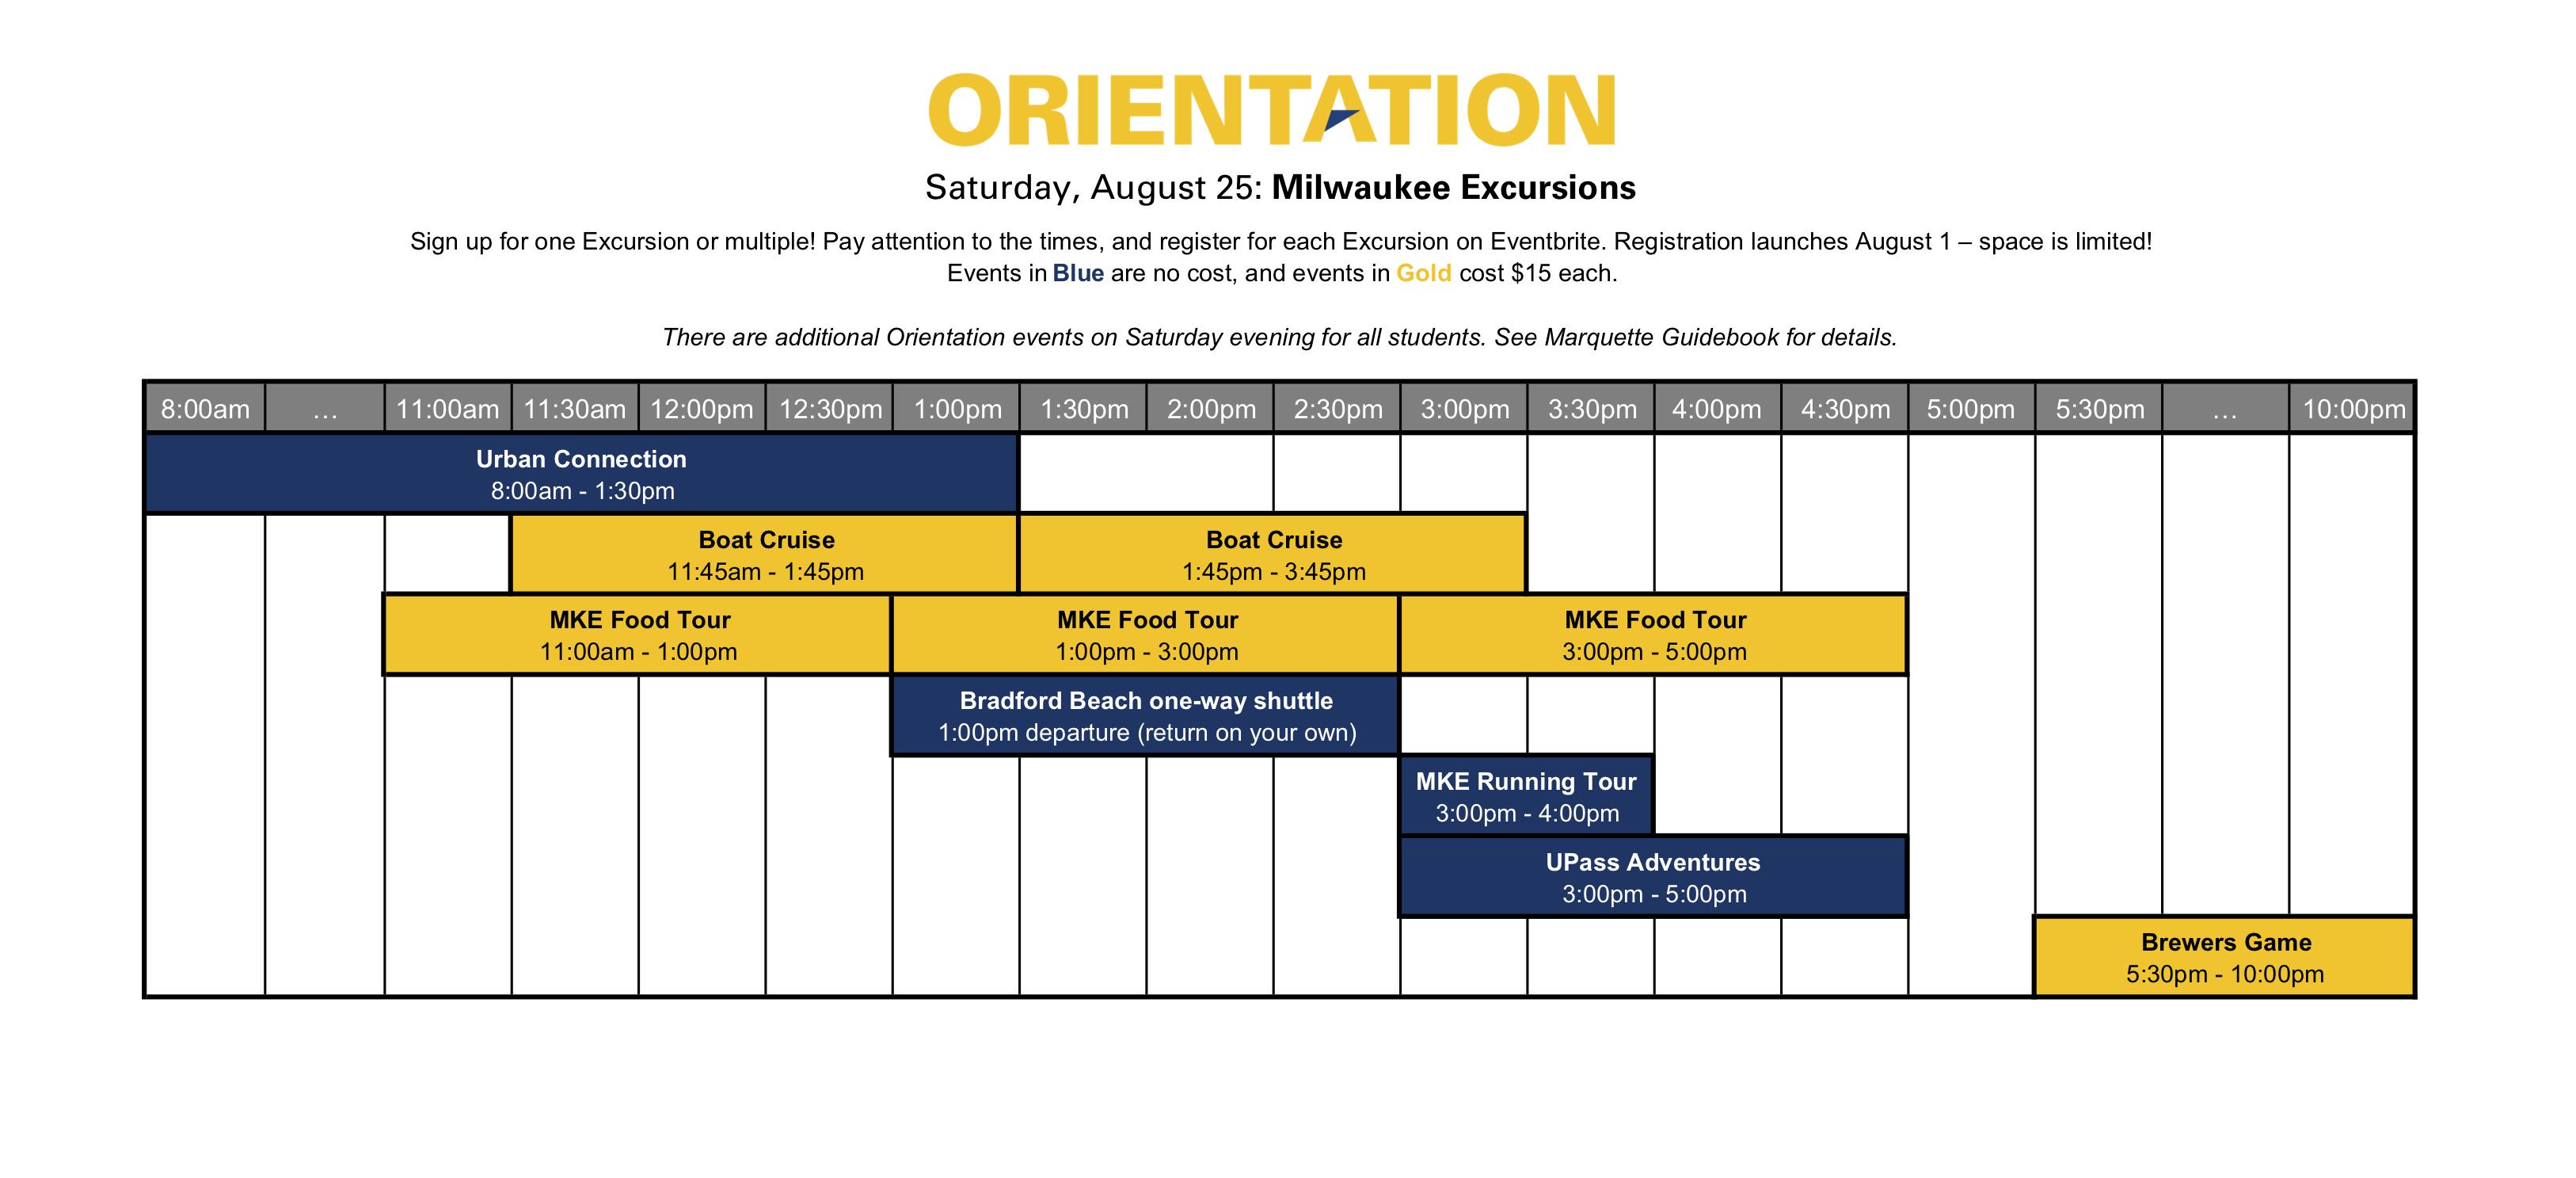 Milwaukee Excursions schedule